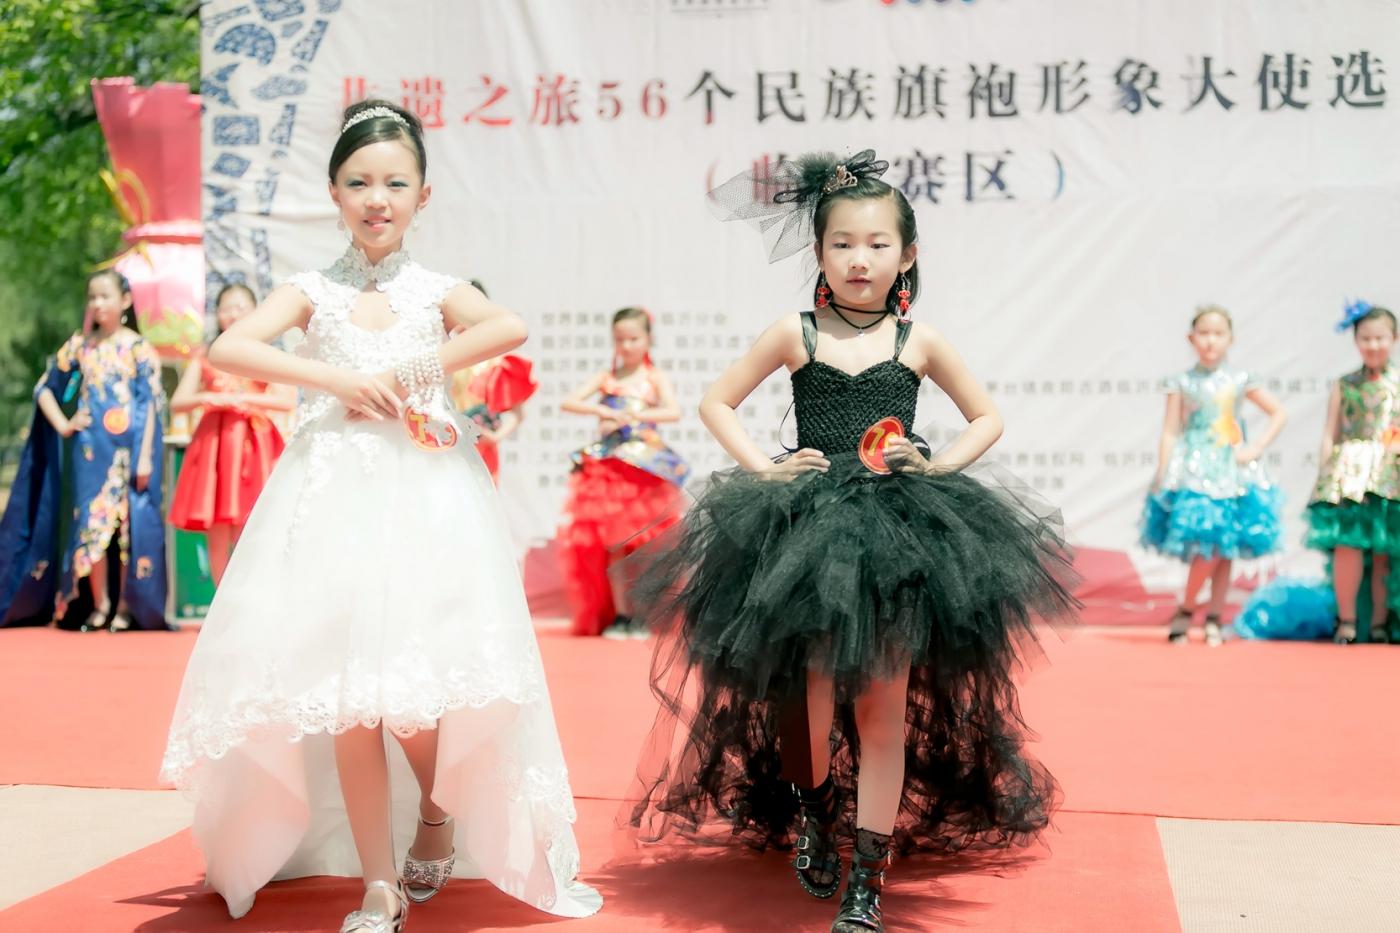 沂蒙娃娃穿上礼服走上show台 有个女孩特别萌 礼仪就要从娃娃抓起 ..._图1-2